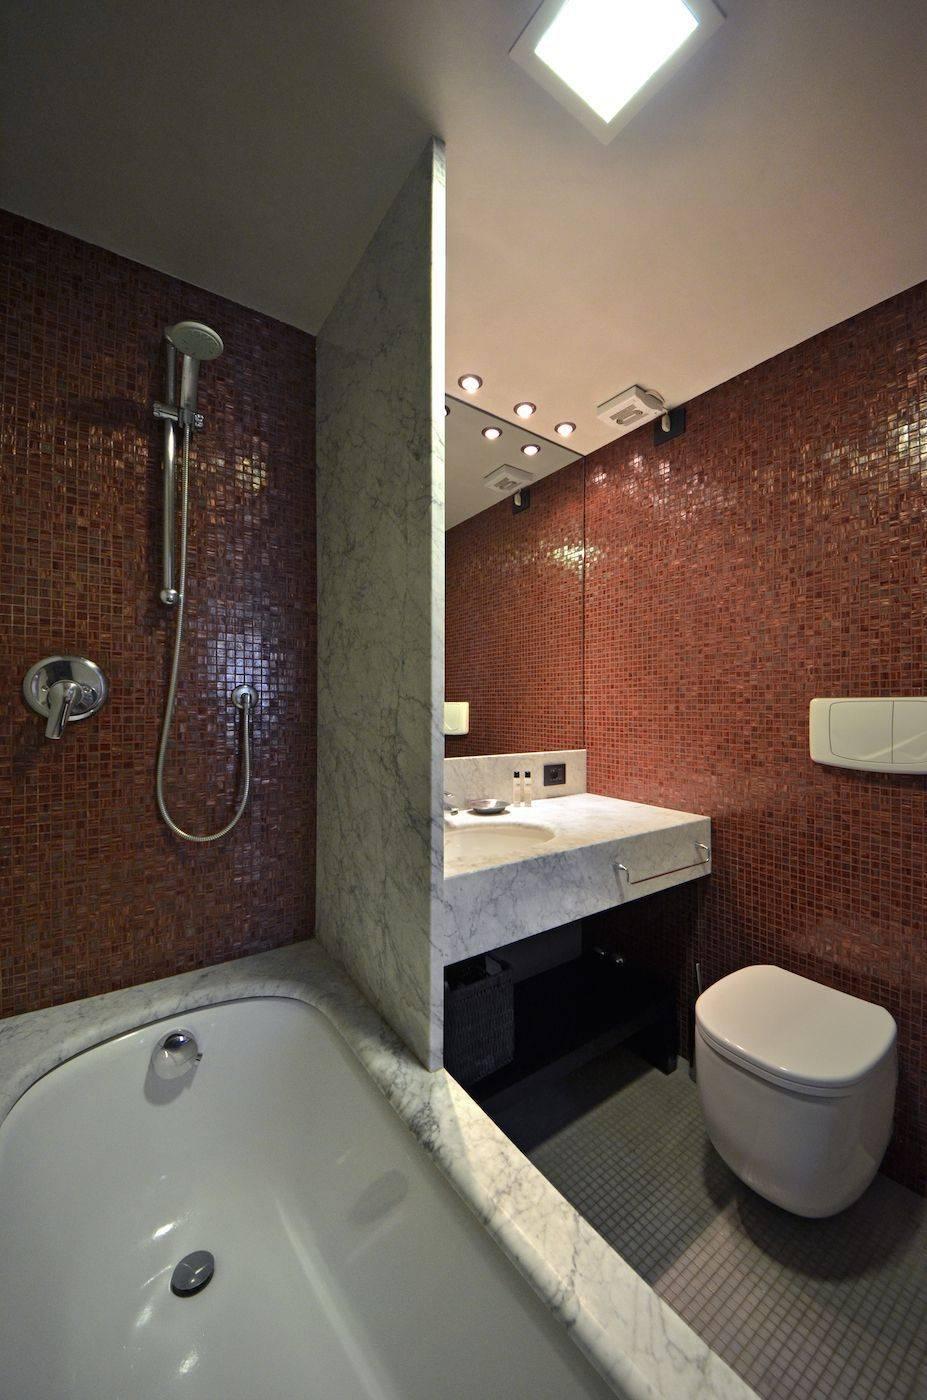 master bedroom en-suite bathroom with bathtub